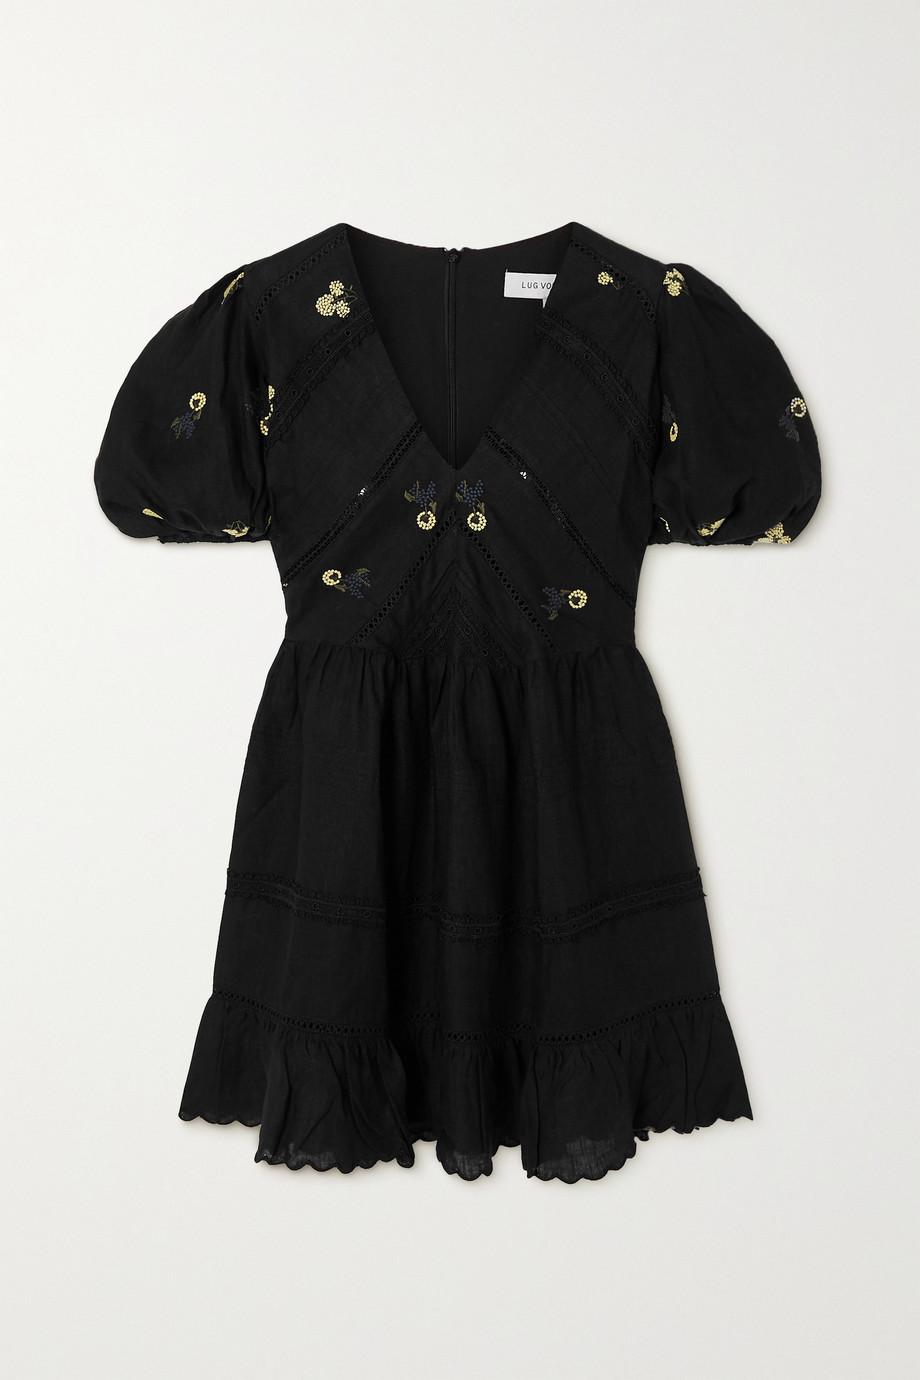 Lug Von Siga Emma Minikleid aus besticktem Leinen mit Rüschen